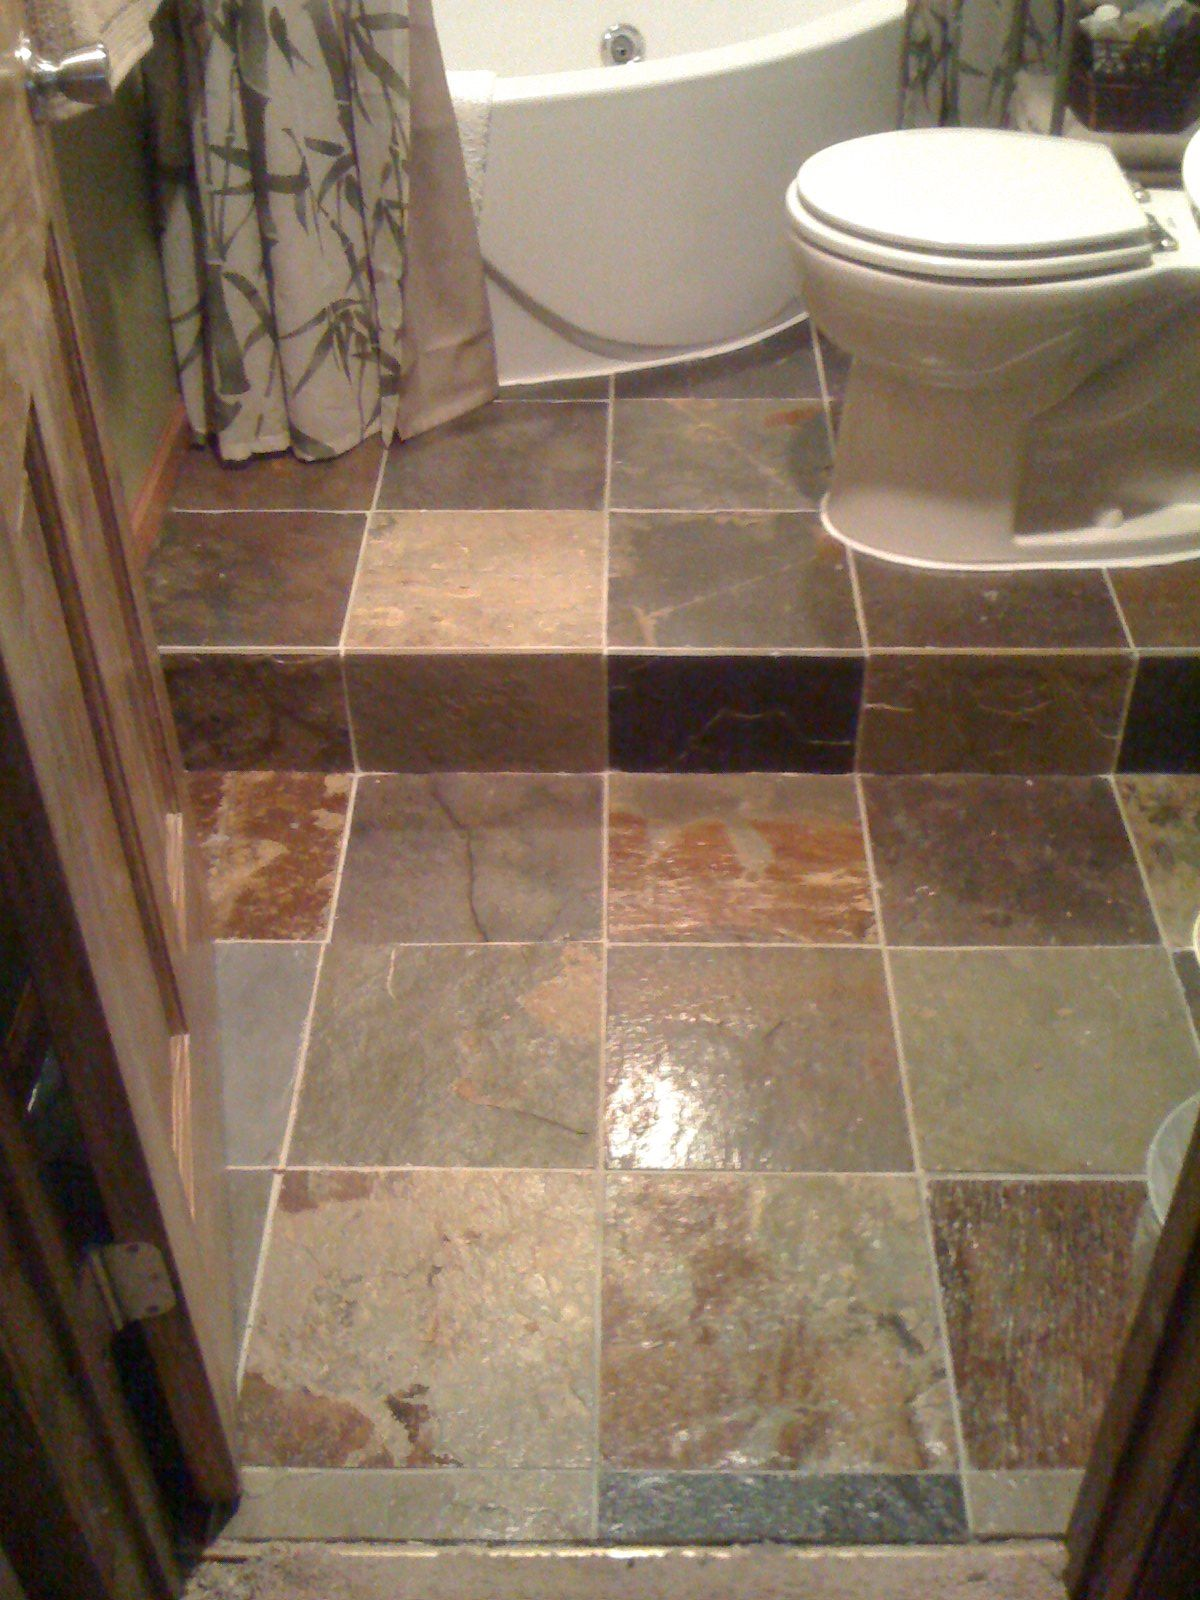 Superb Bathroom Step Up, Slate Tile, Jacuzzi Tub